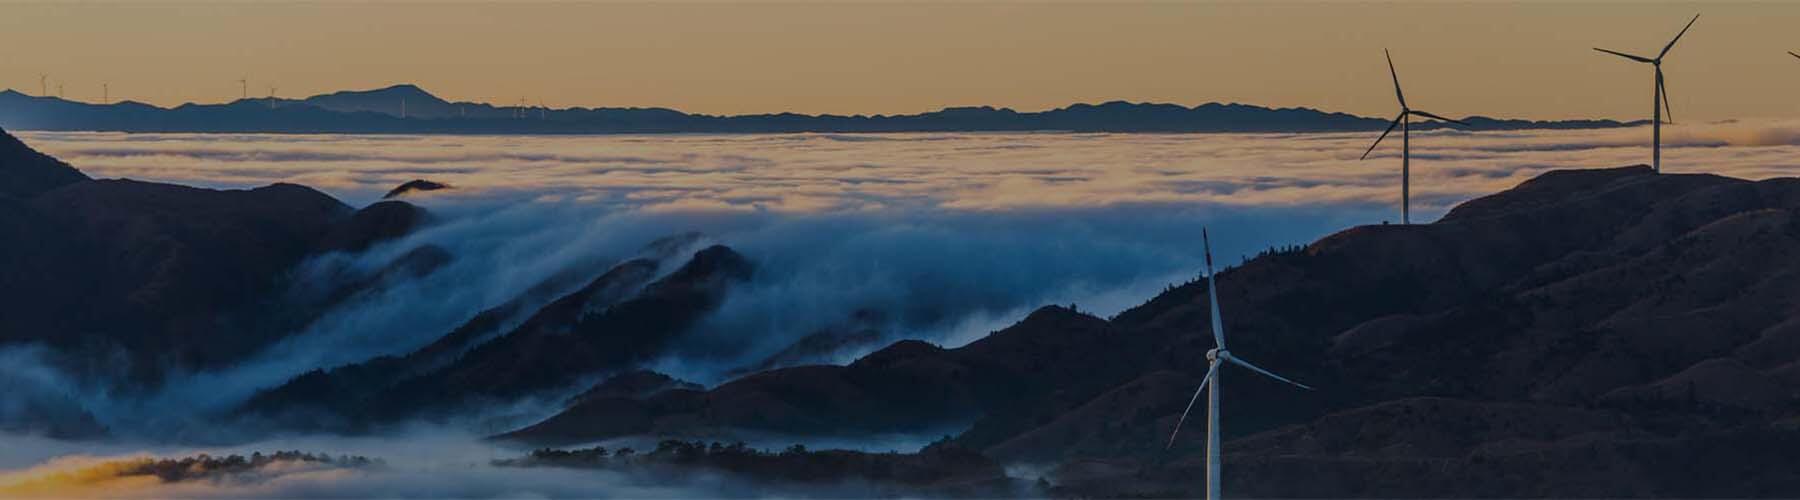 On aperçoit des collines parmi les nuages et la brume. De nombreuses éoliennes trônent sur ces collines.